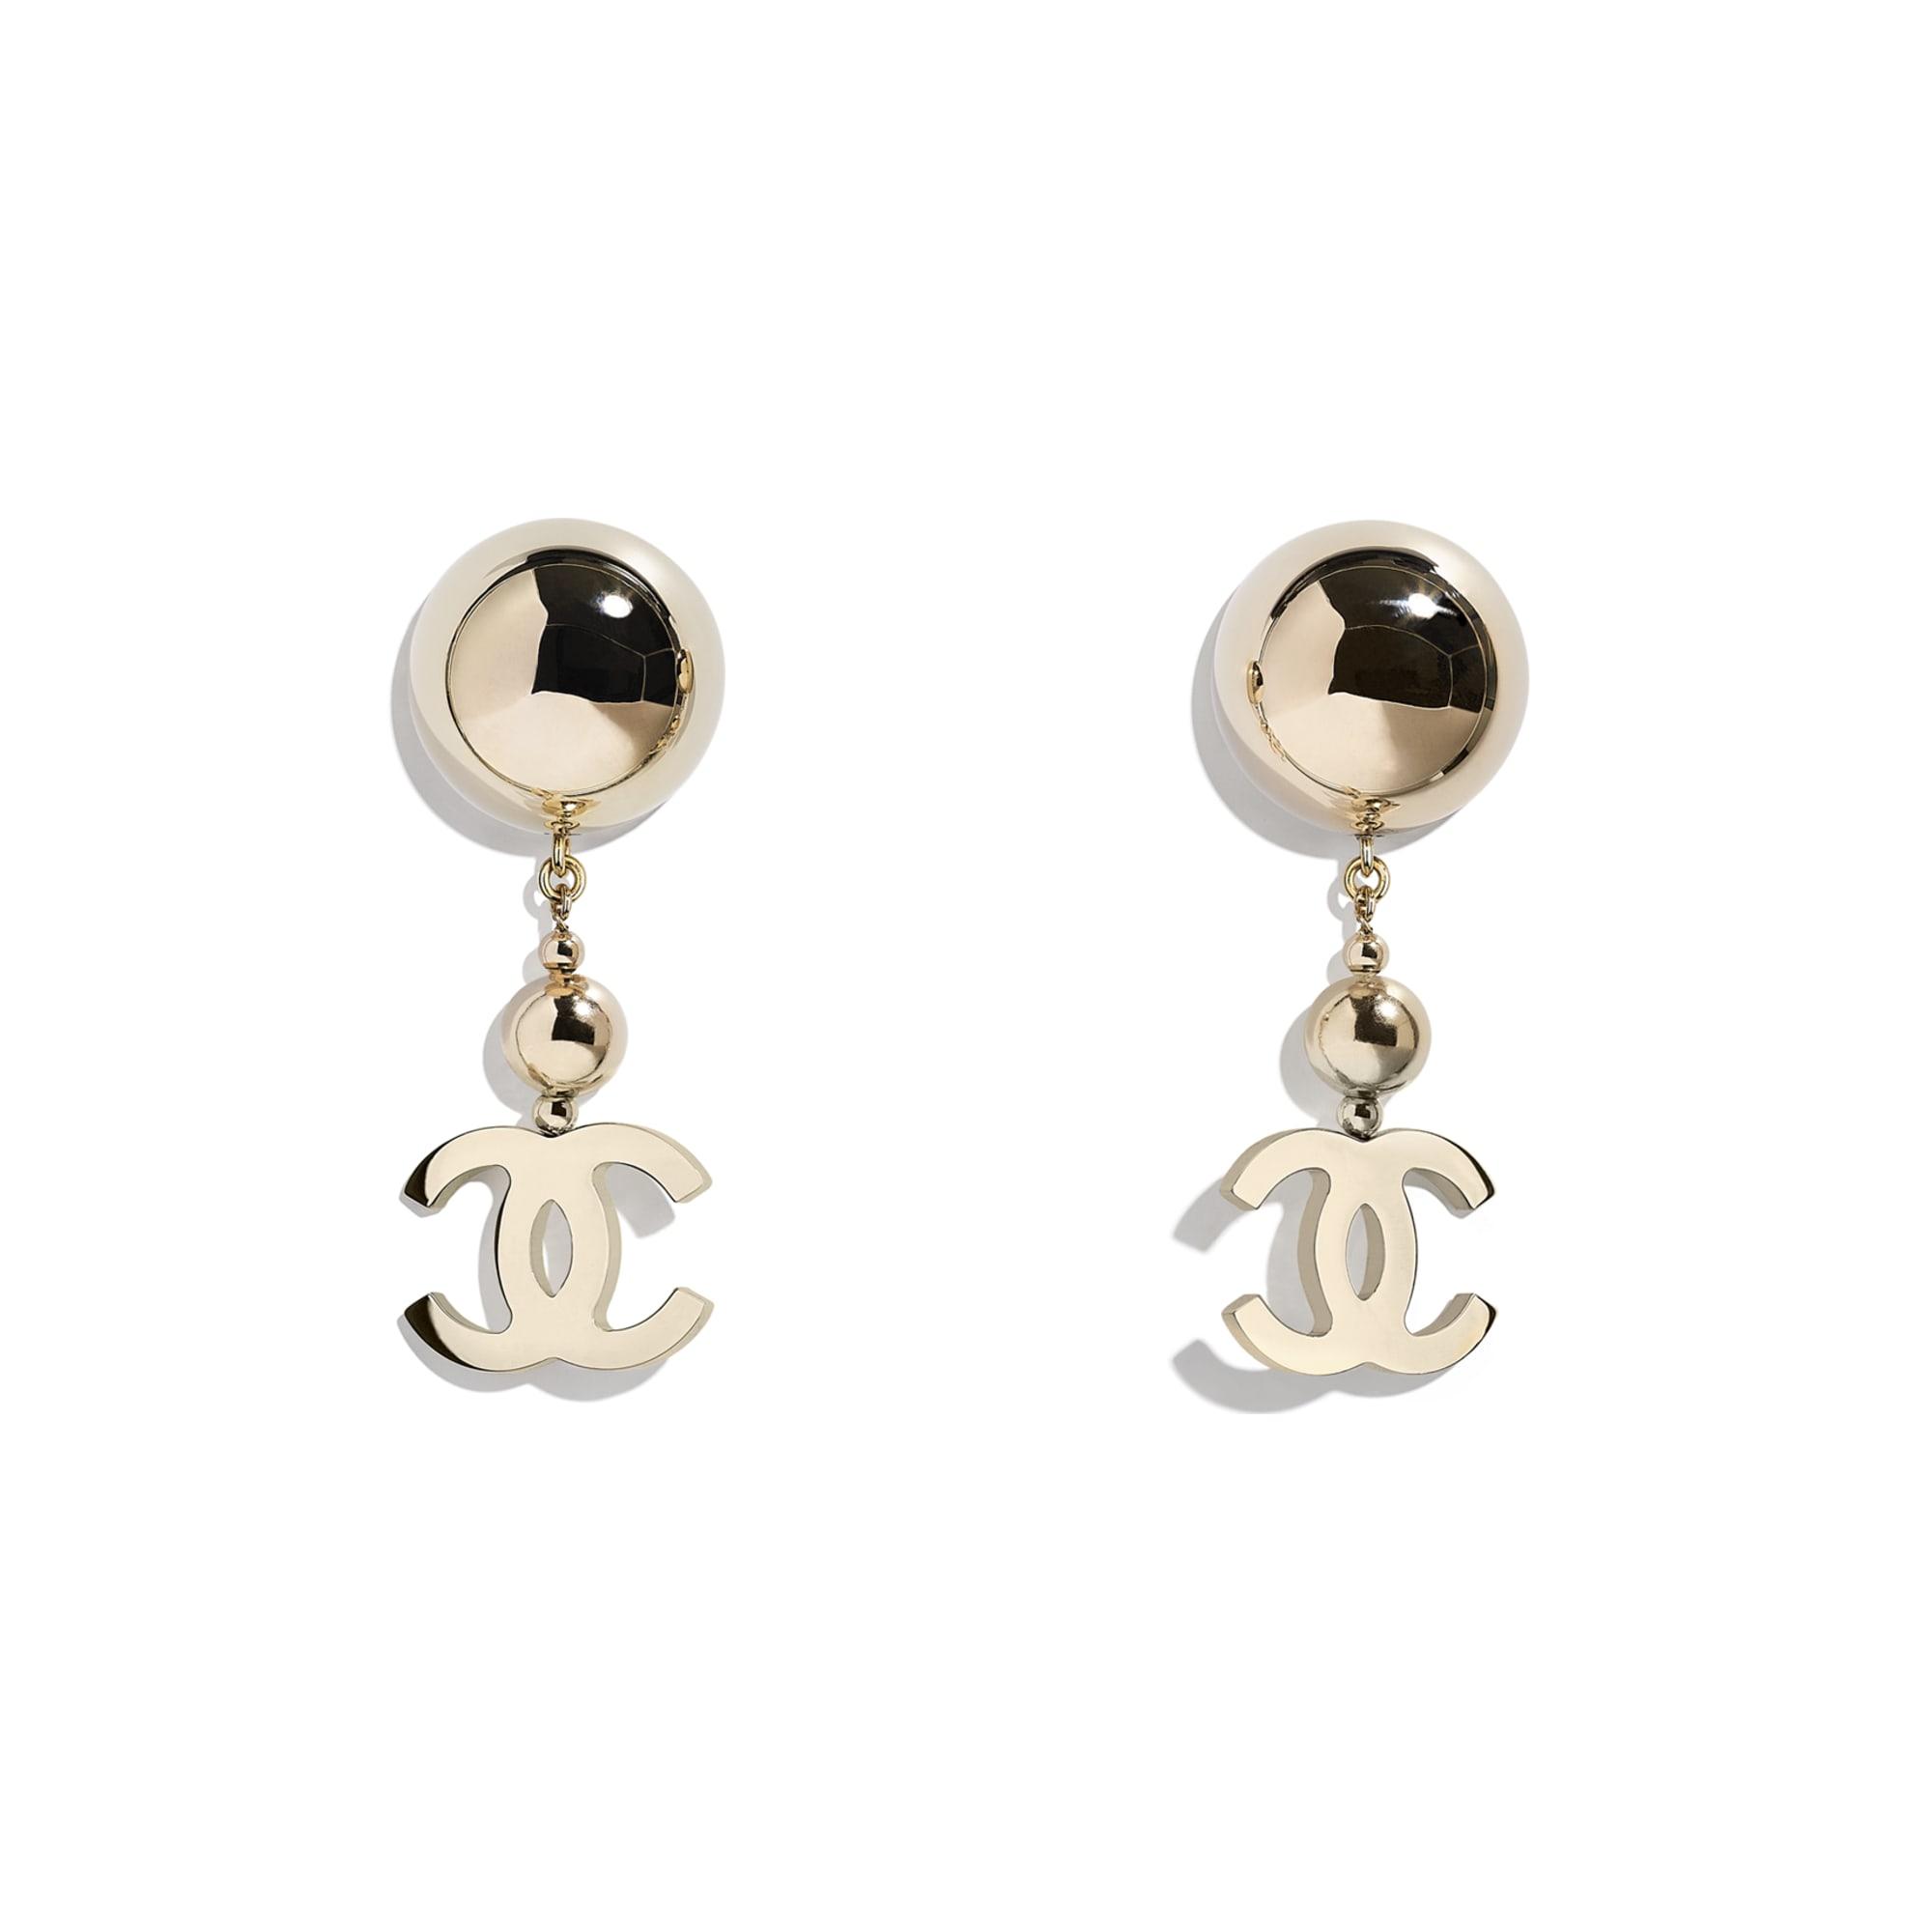 Ohrringe - Goldfarben - Metall - CHANEL - Standardansicht - Standardgröße anzeigen